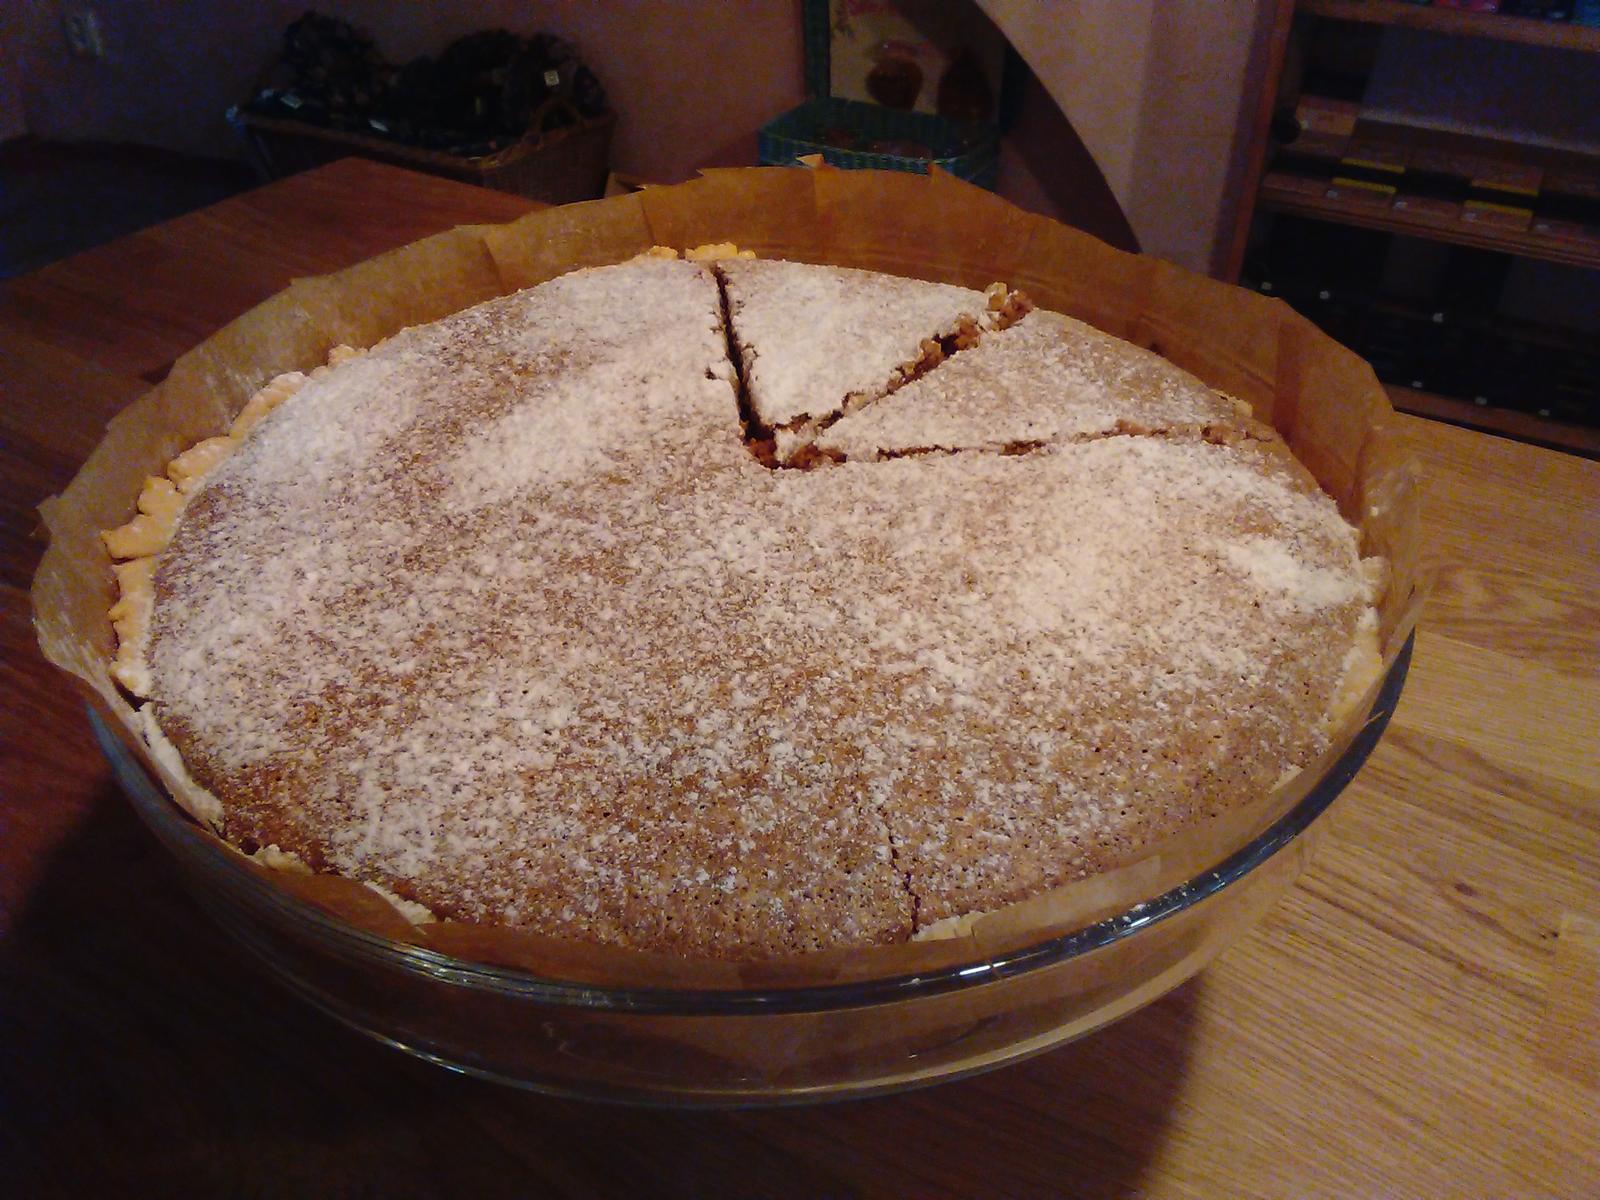 Sladký podzim v mojí kavárně - Americký ořechový koláč se zakysanou smetanou